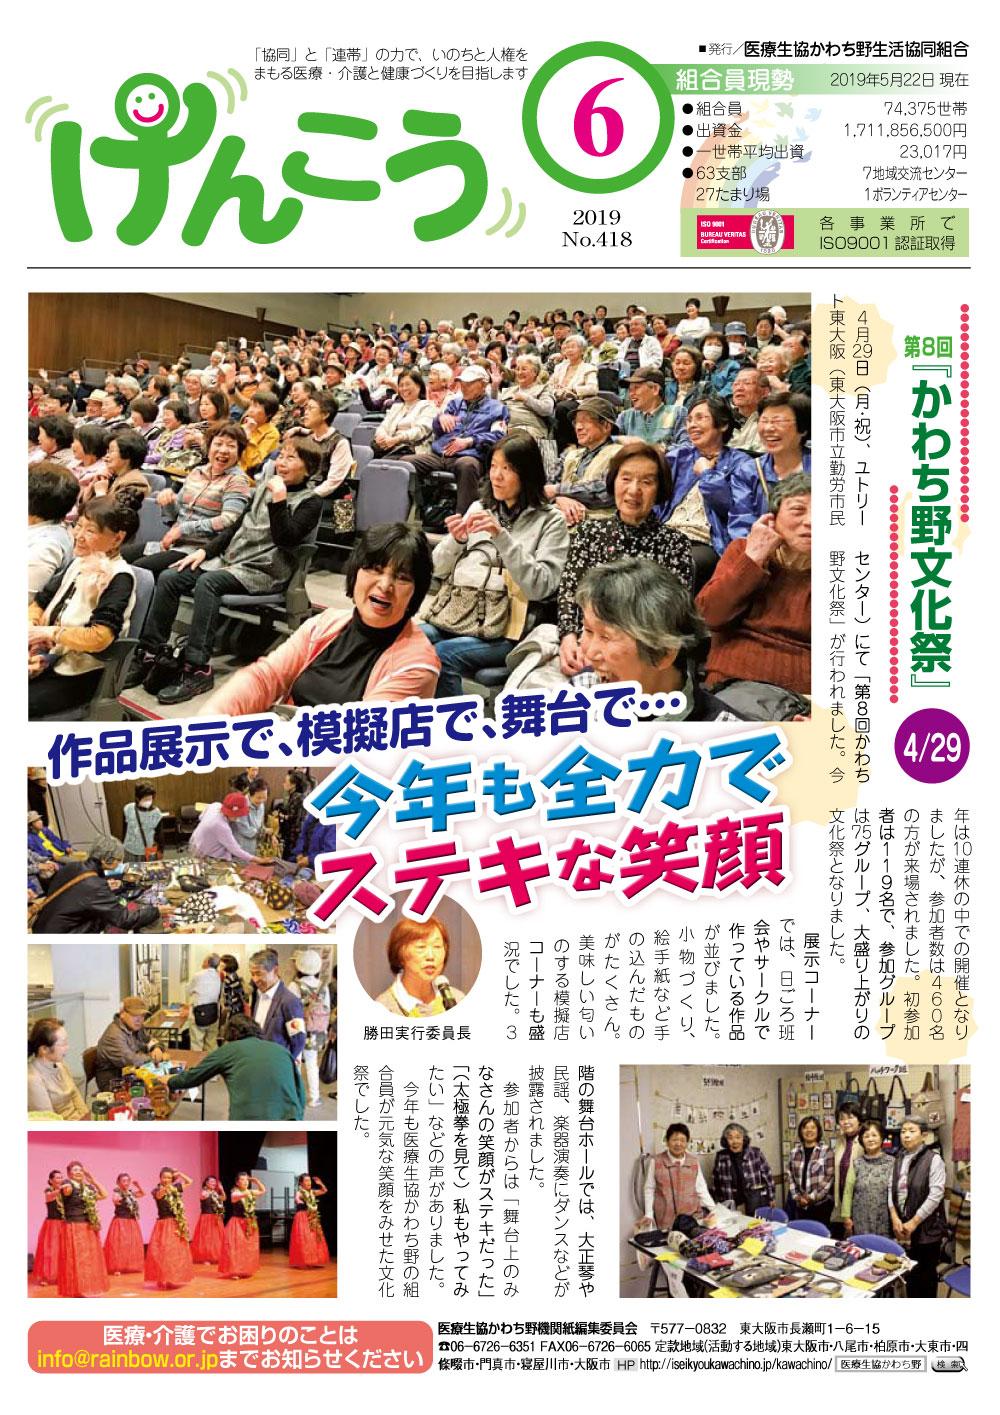 『けんこう』2019年6月号(第418号)医療生協かわち野生活協同組合